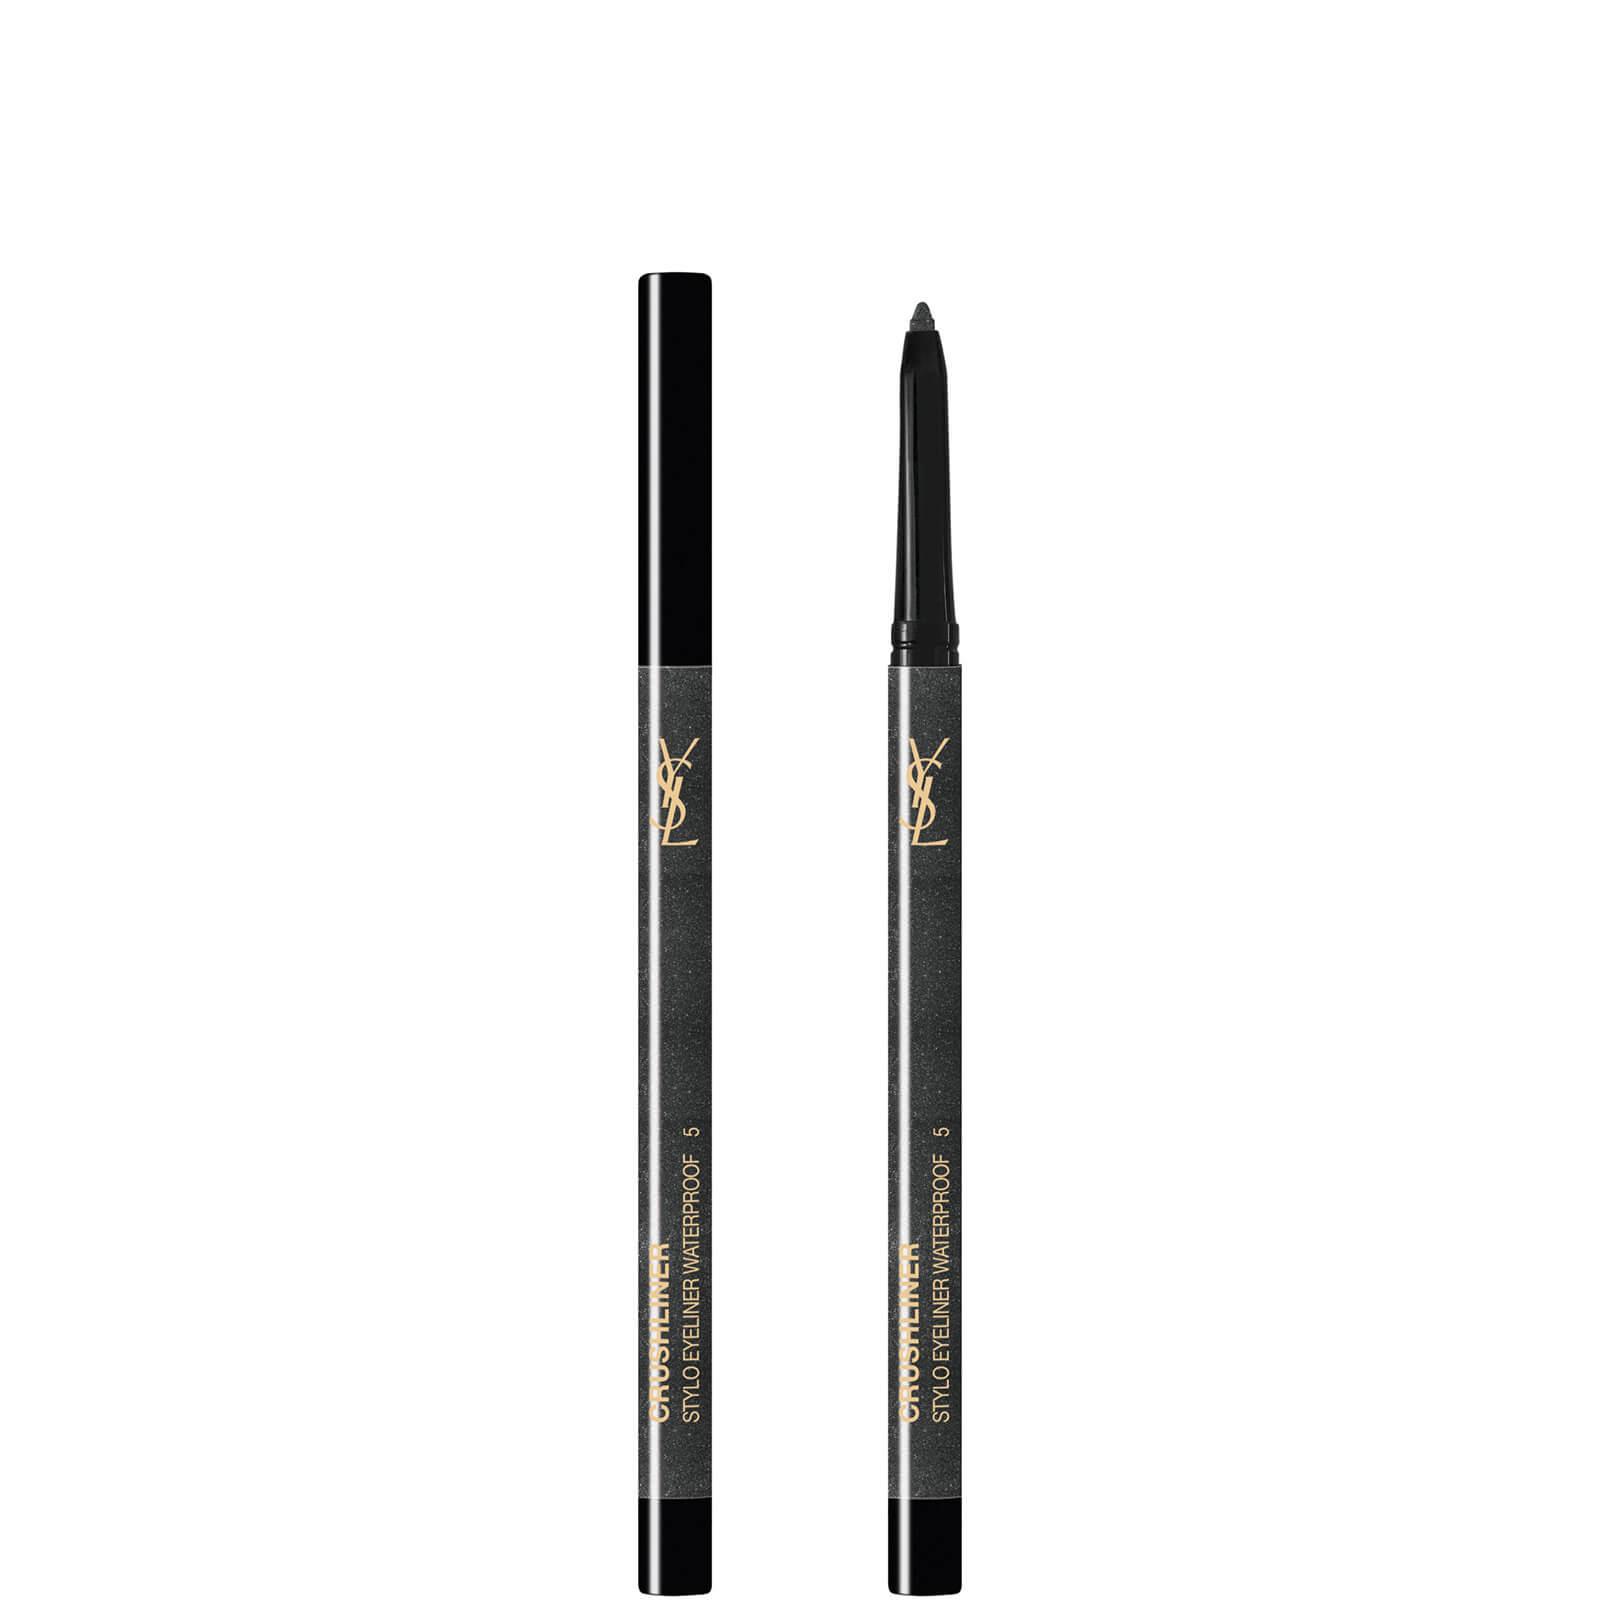 Купить Водостойкий карандаш для глаз Yves Saint Laurent Exclusive Crushliner Waterproof Stylo, 3 гр (в разных оттенках) - #5